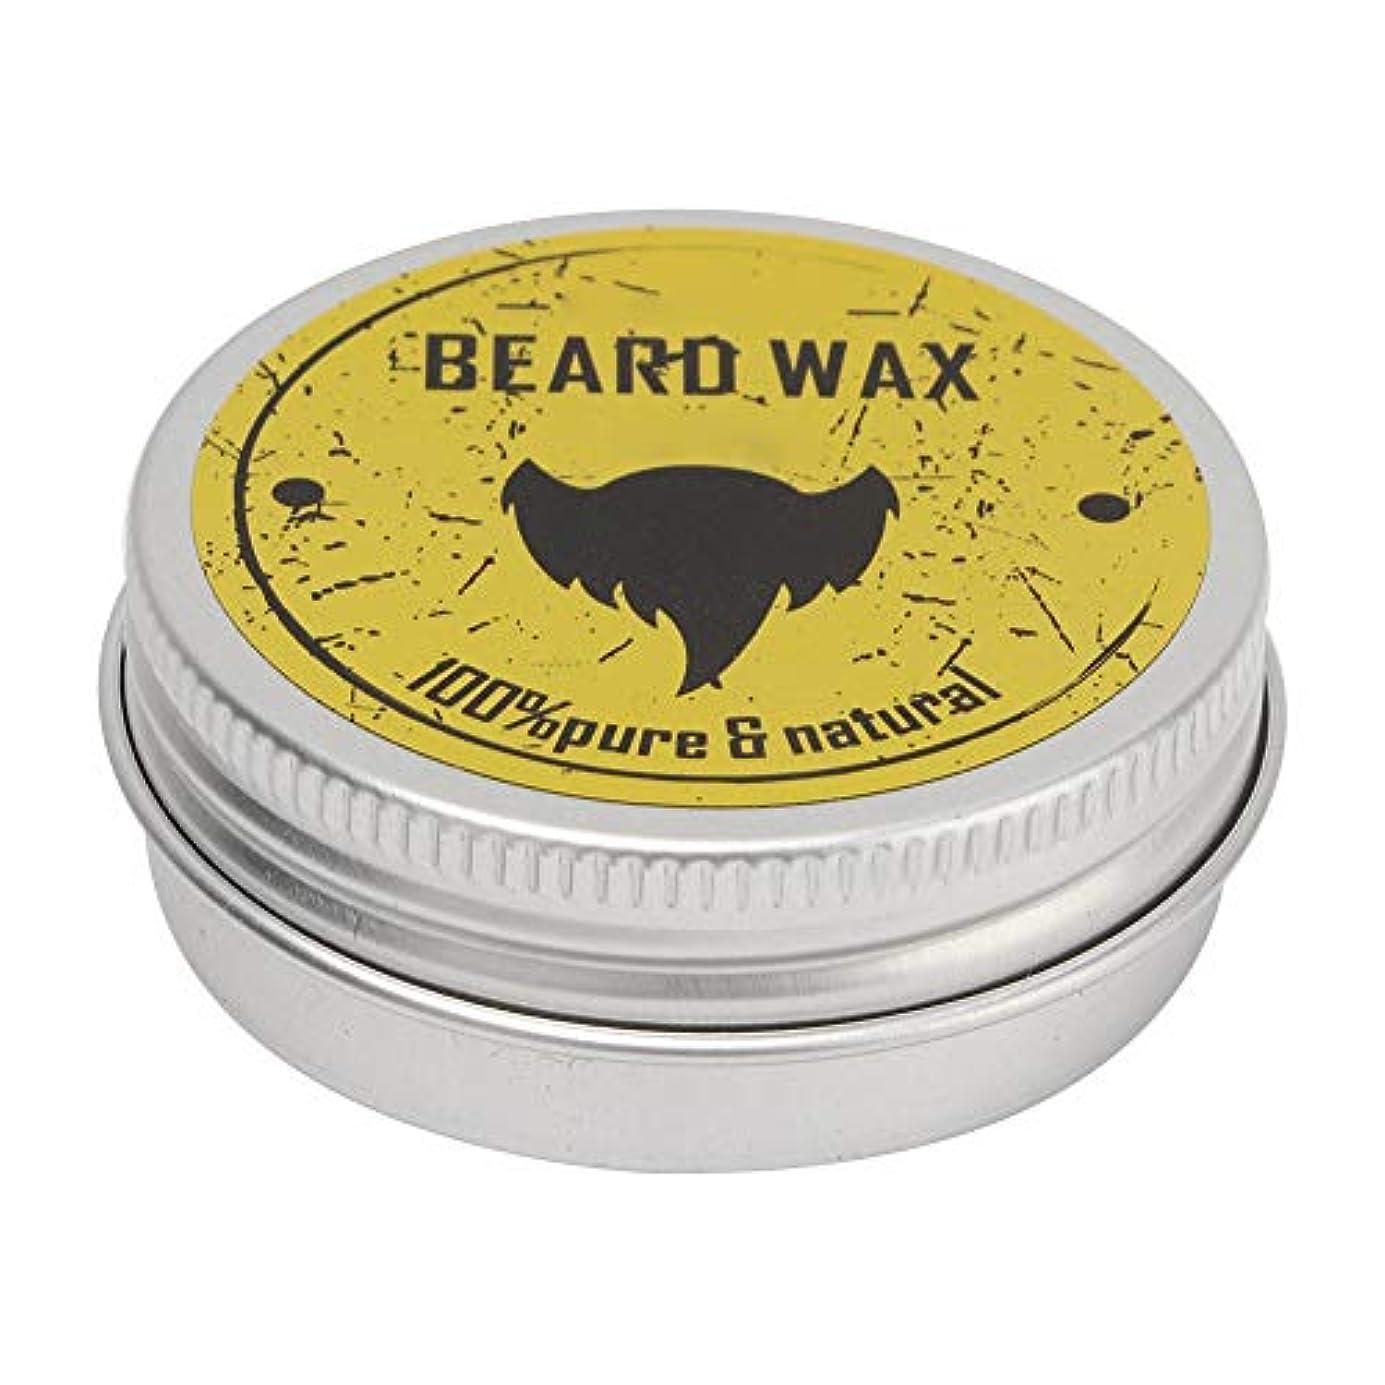 化学開拓者累積ひげの心配の香油、30mlひげの心配の人のひげの手入れをすることの男性の口ひげの心配のための保湿ワックスを手入れをすること